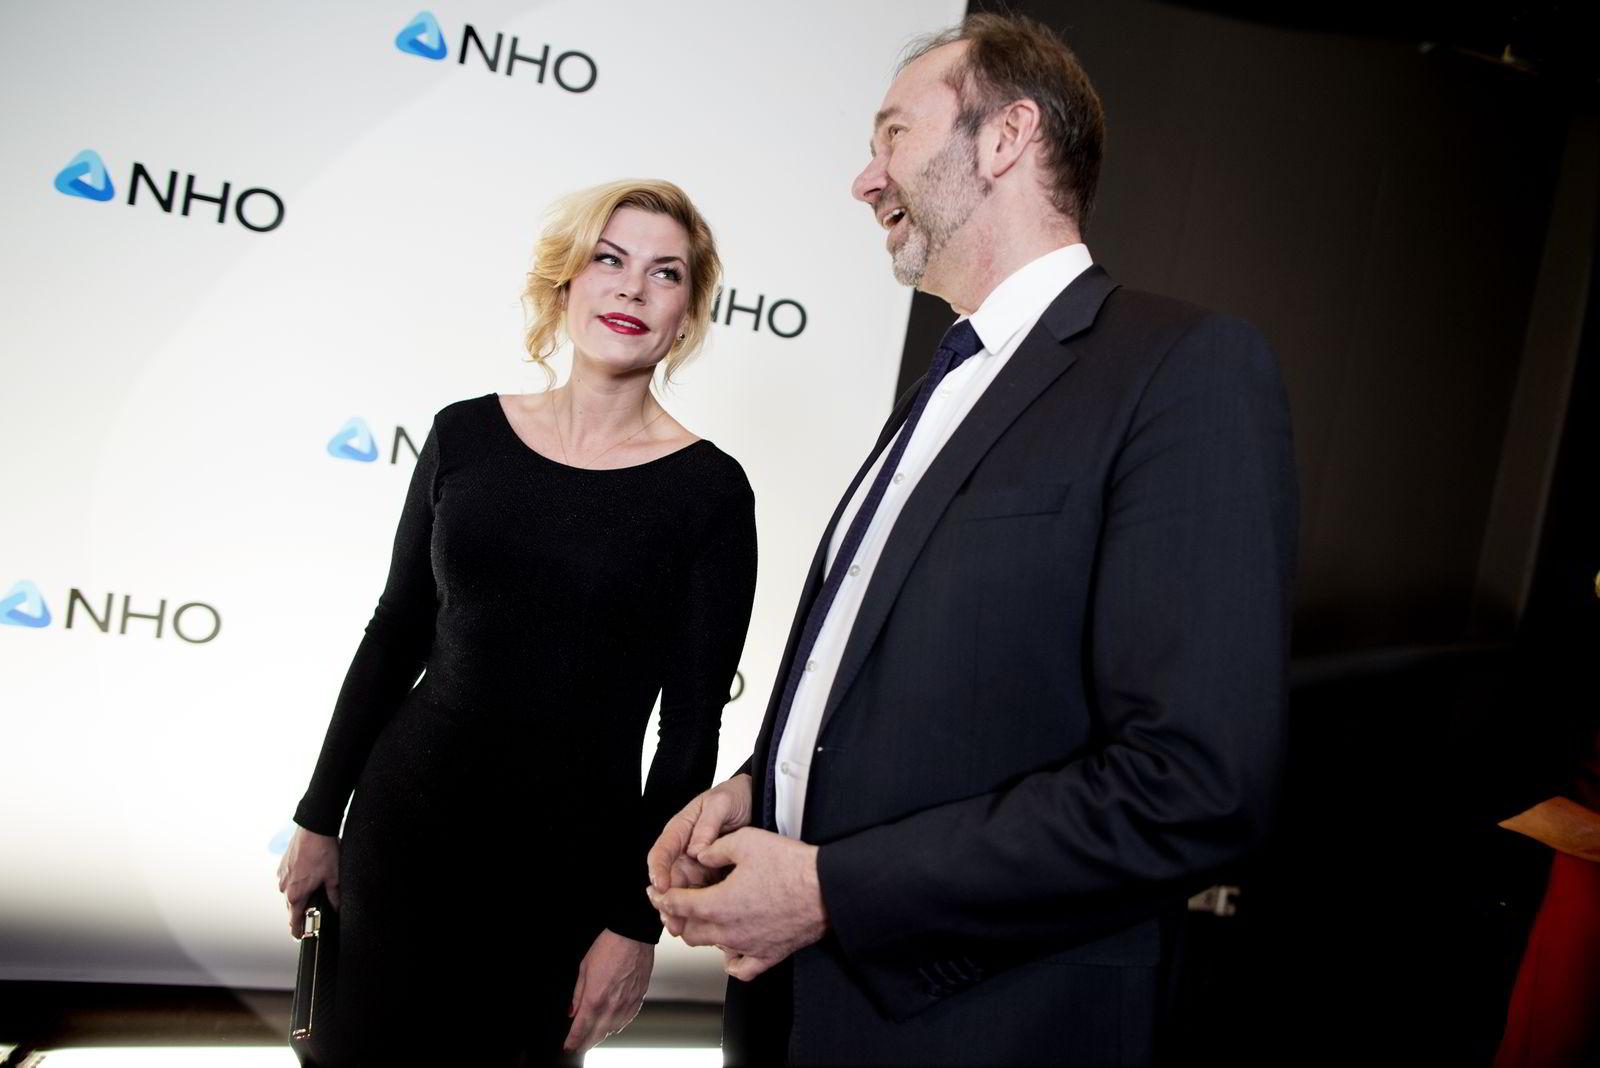 Arbeiderpartiets Jette Christensen og Trond Giske ankom torsdag kveld festmiddagen i anledning NHOs årskonferanse i Oslo Spektrum.